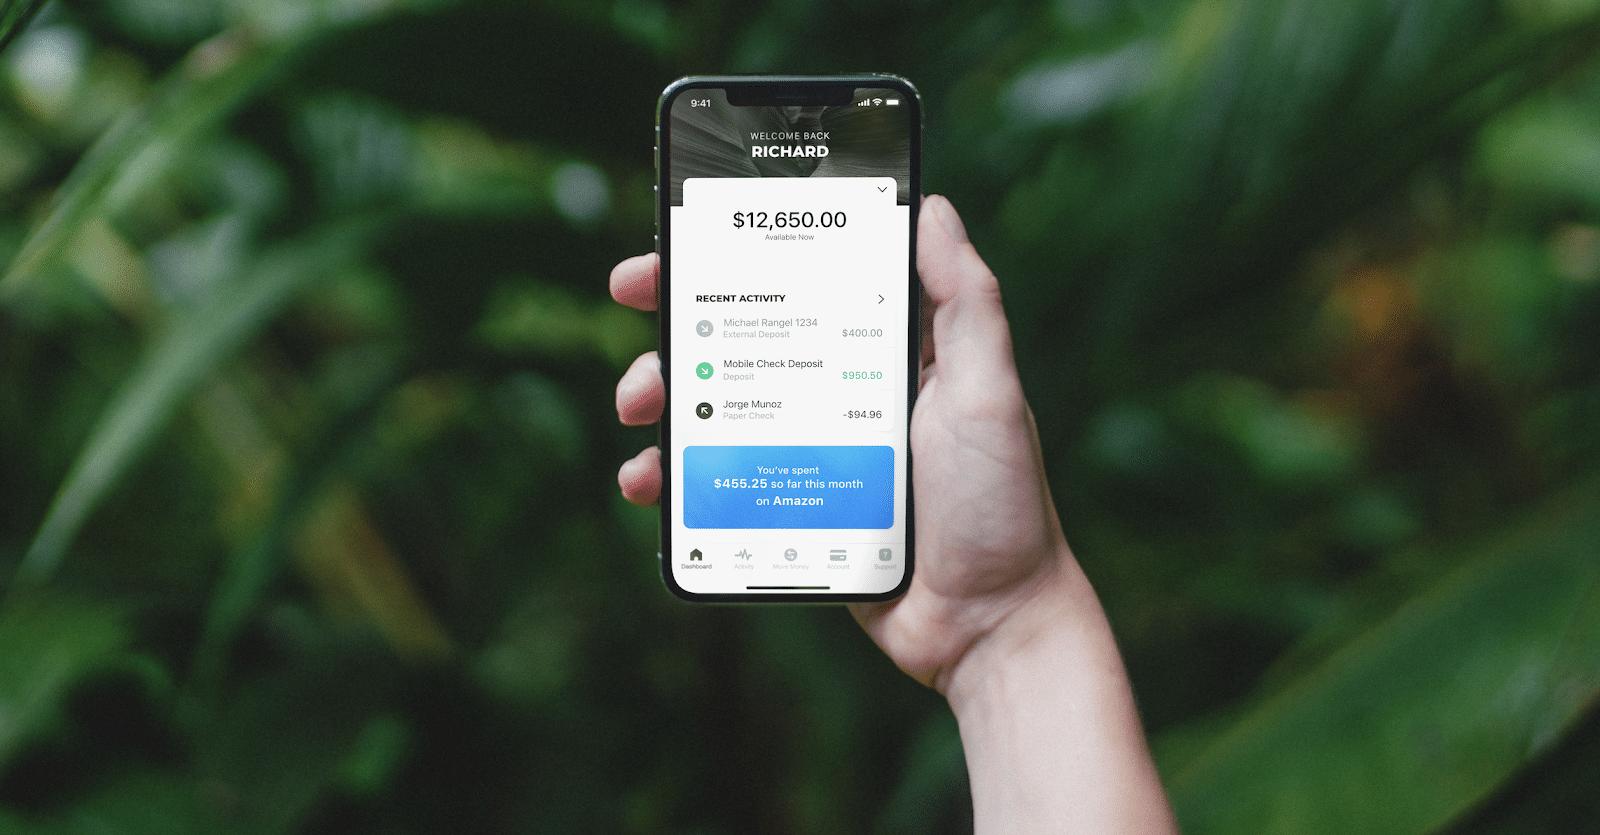 novo bank mobile app